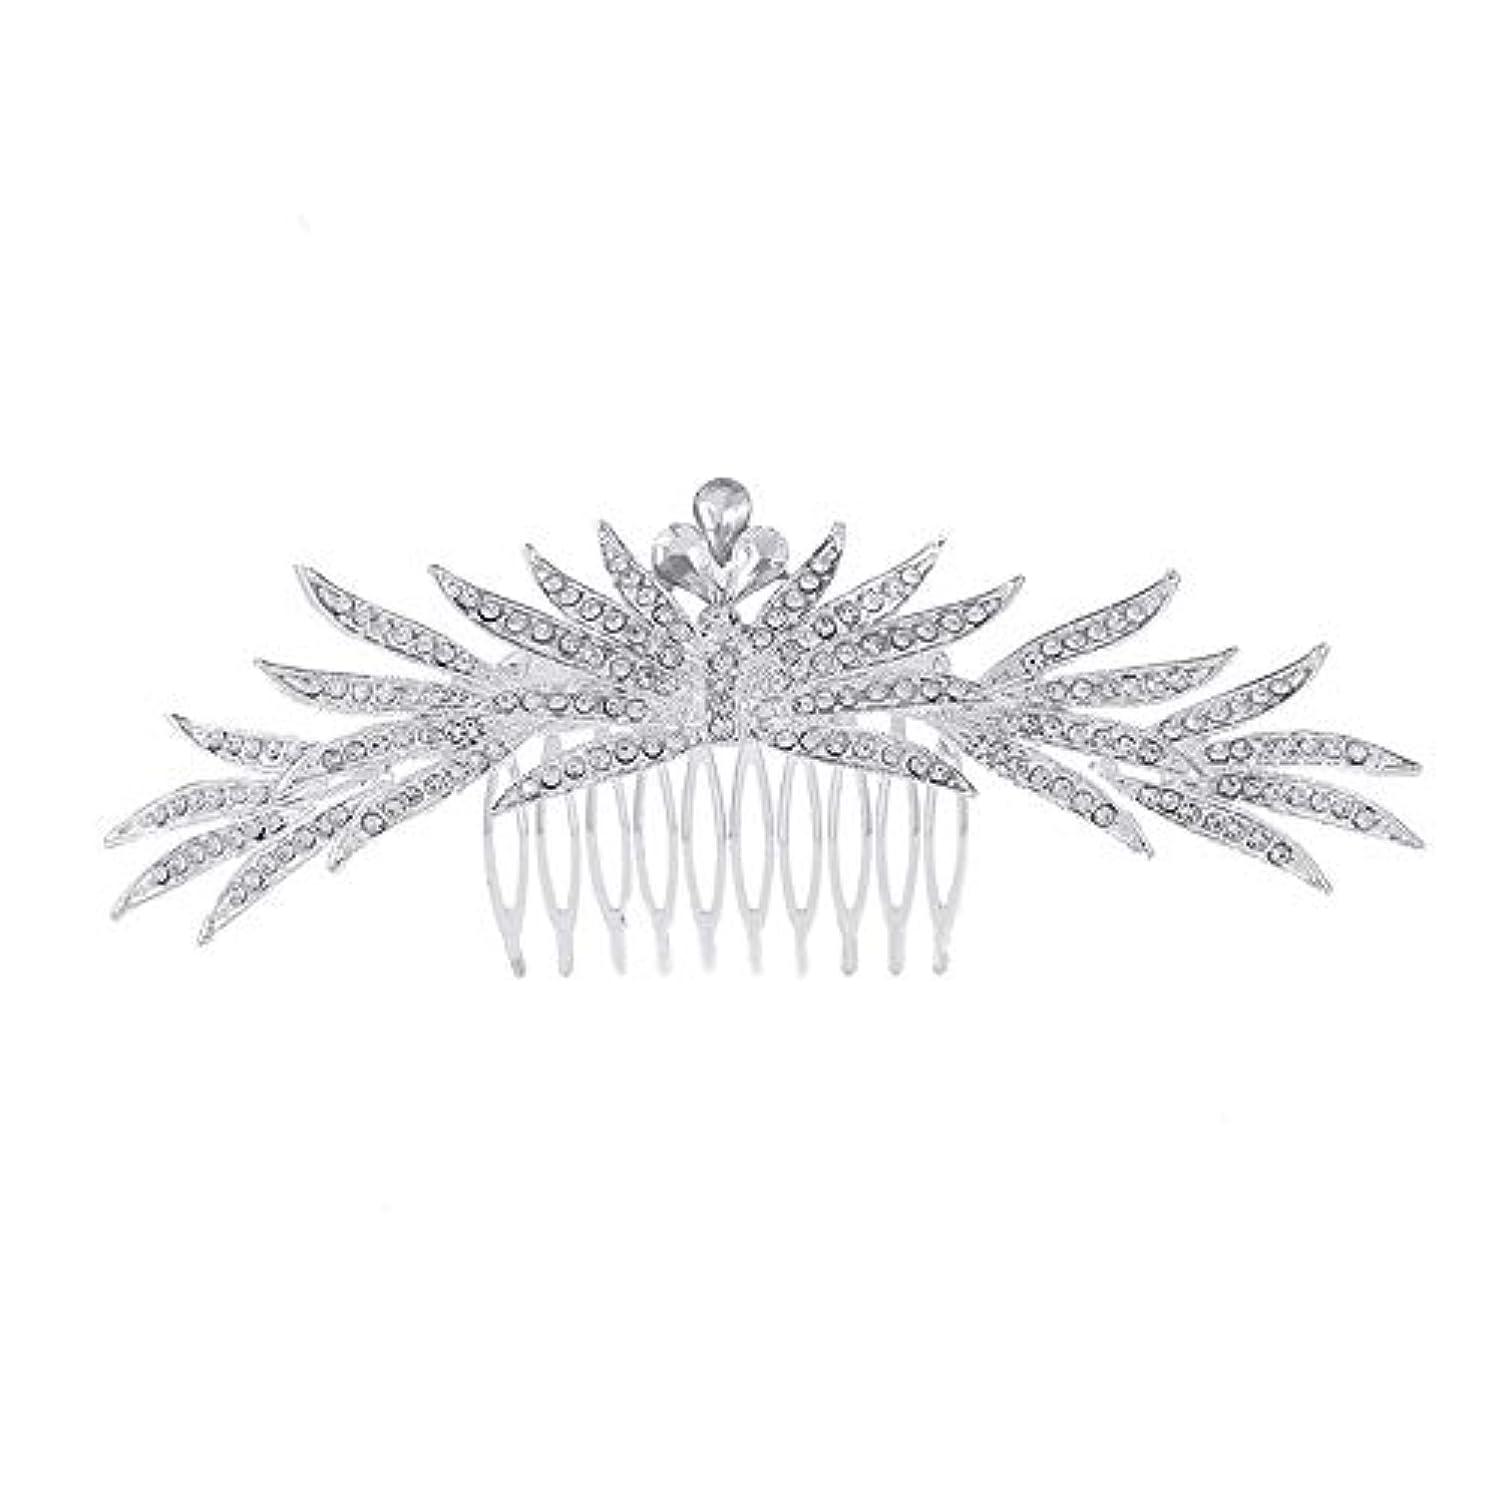 擬人スーツスカーフ髪の櫛の櫛の櫛花嫁の髪の櫛ラインストーンの櫛亜鉛合金ブライダルヘッドドレス結婚式のアクセサリー挿入櫛